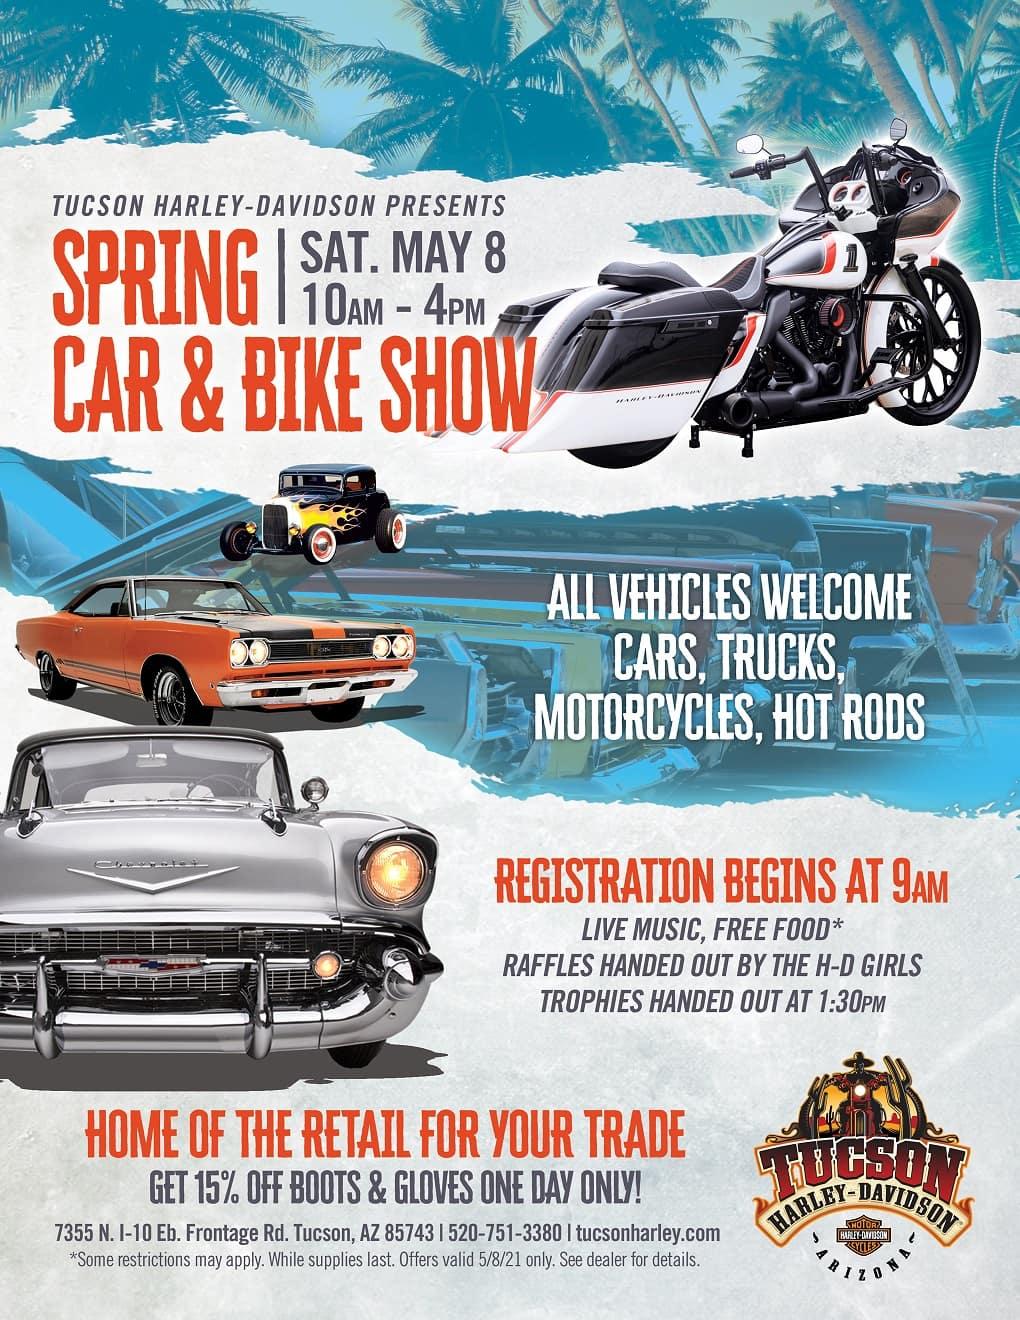 Tucson Harley Car and Bike Show